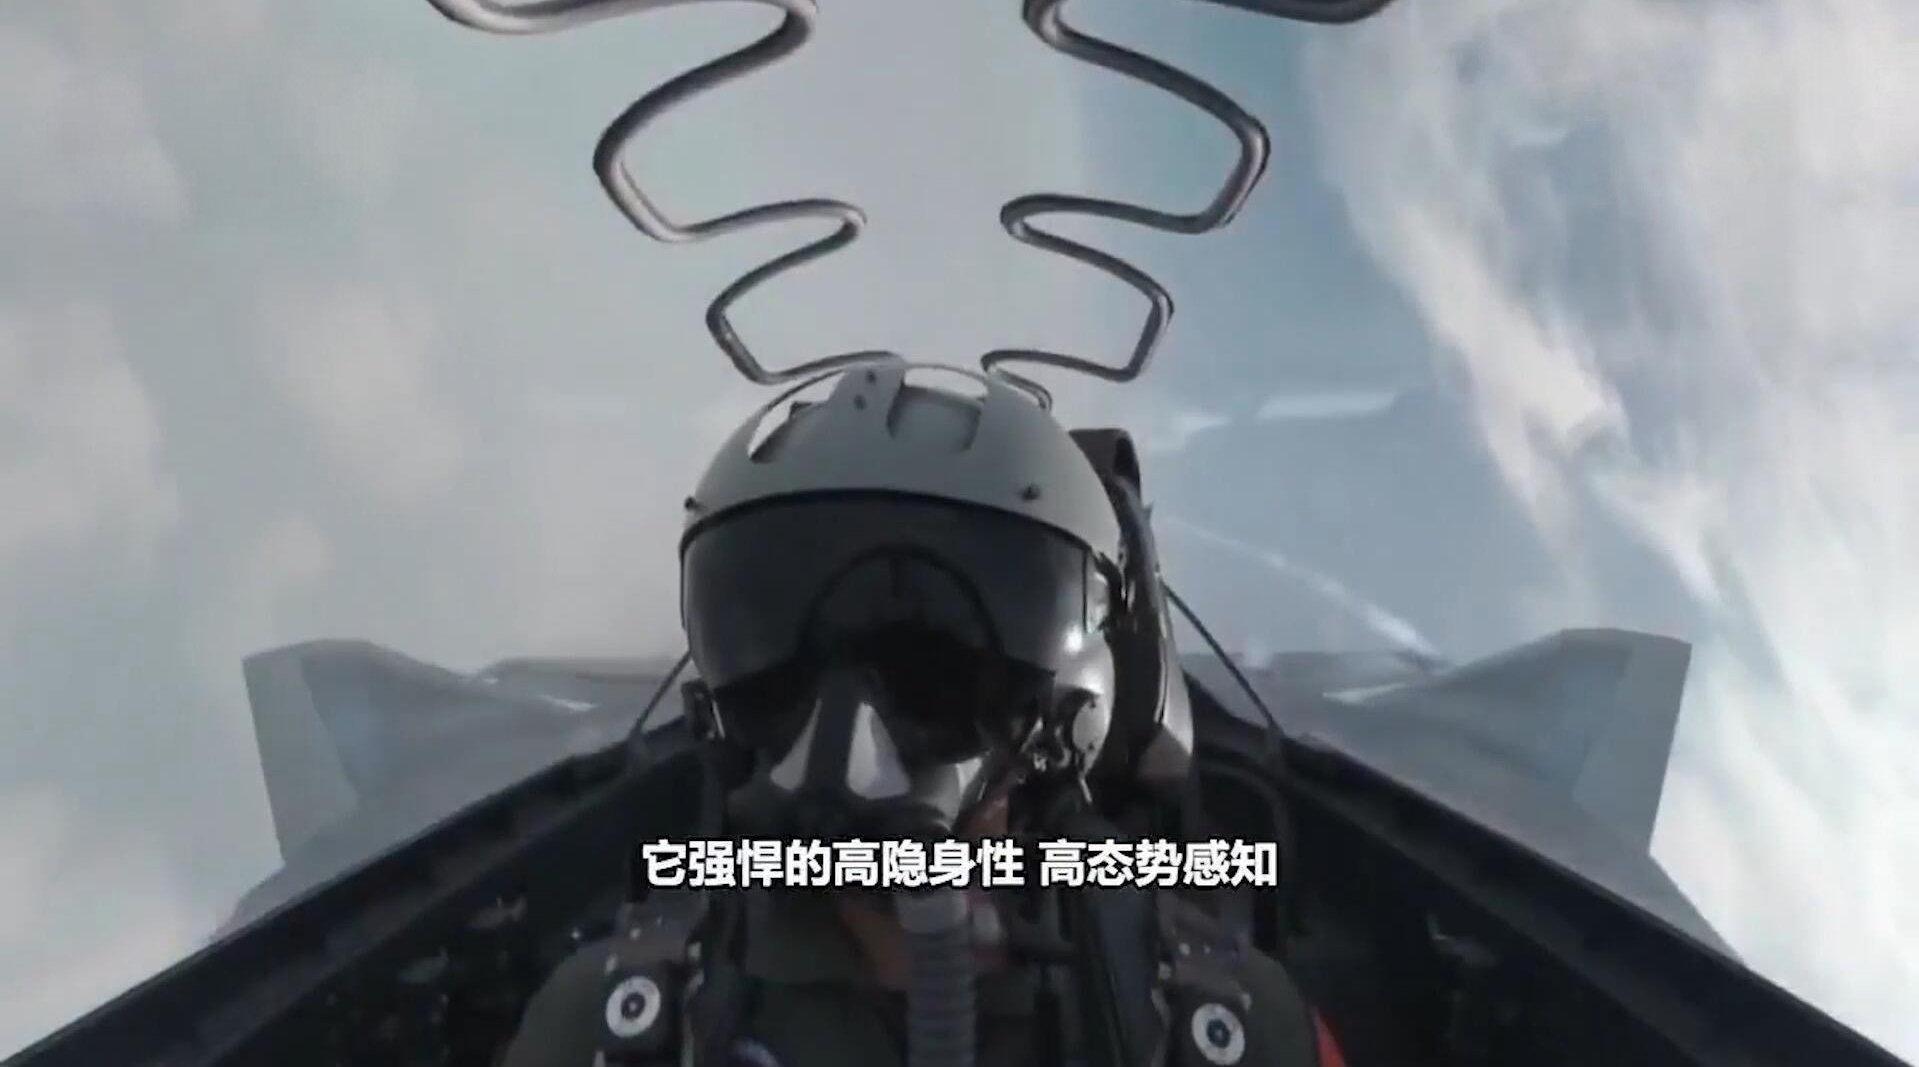 从歼-5的光学瞄准,到歼-20的火控雷达,国产歼击机展空战风采!